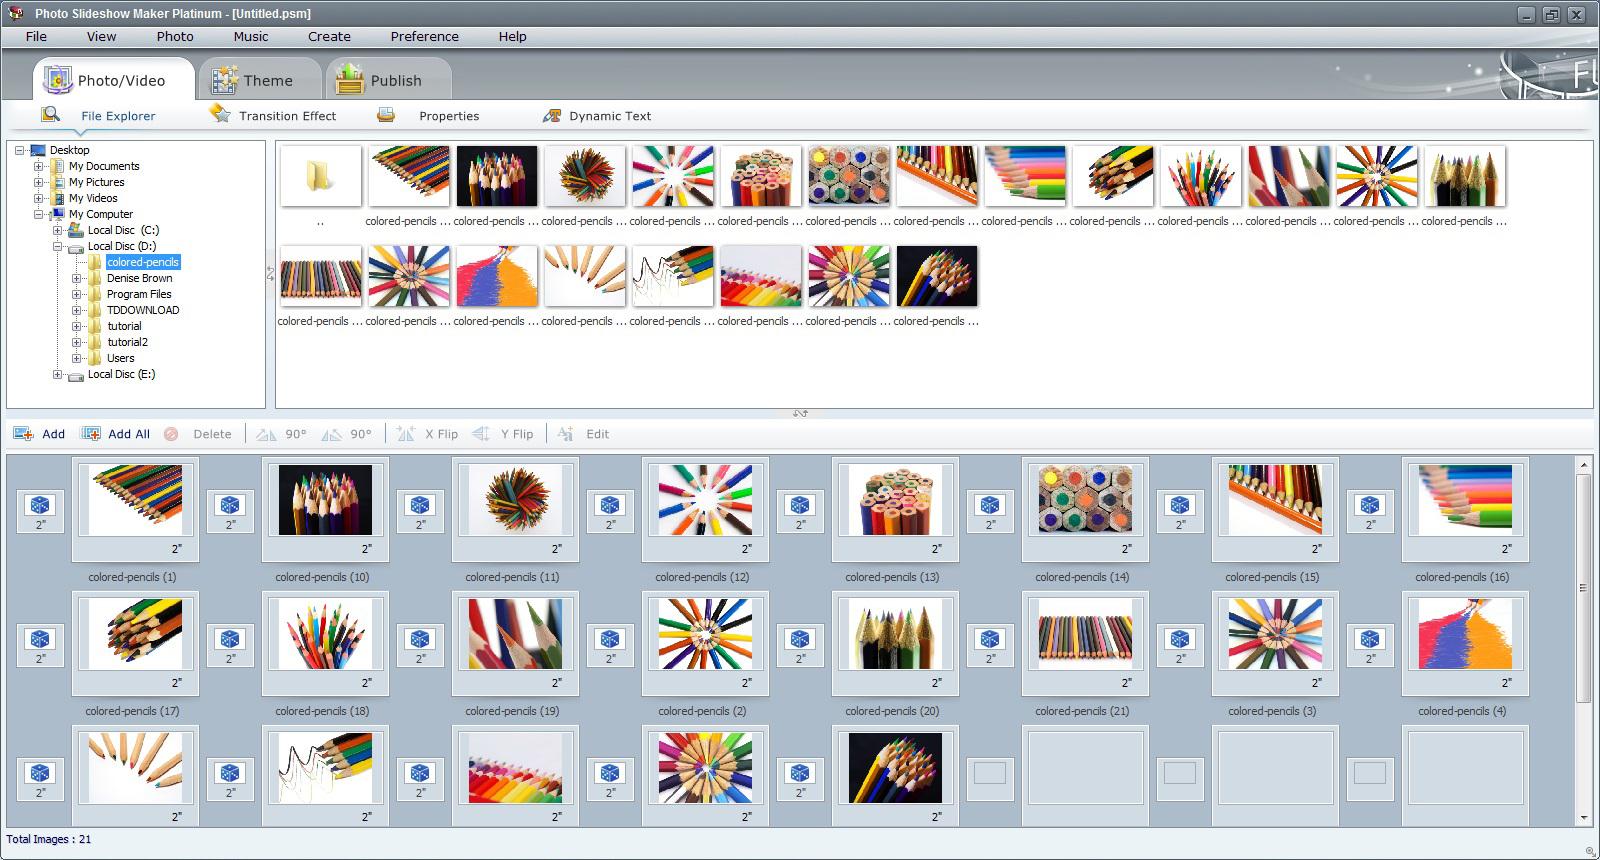 Photo DVD Maker vs. Photo Slideshow Maker